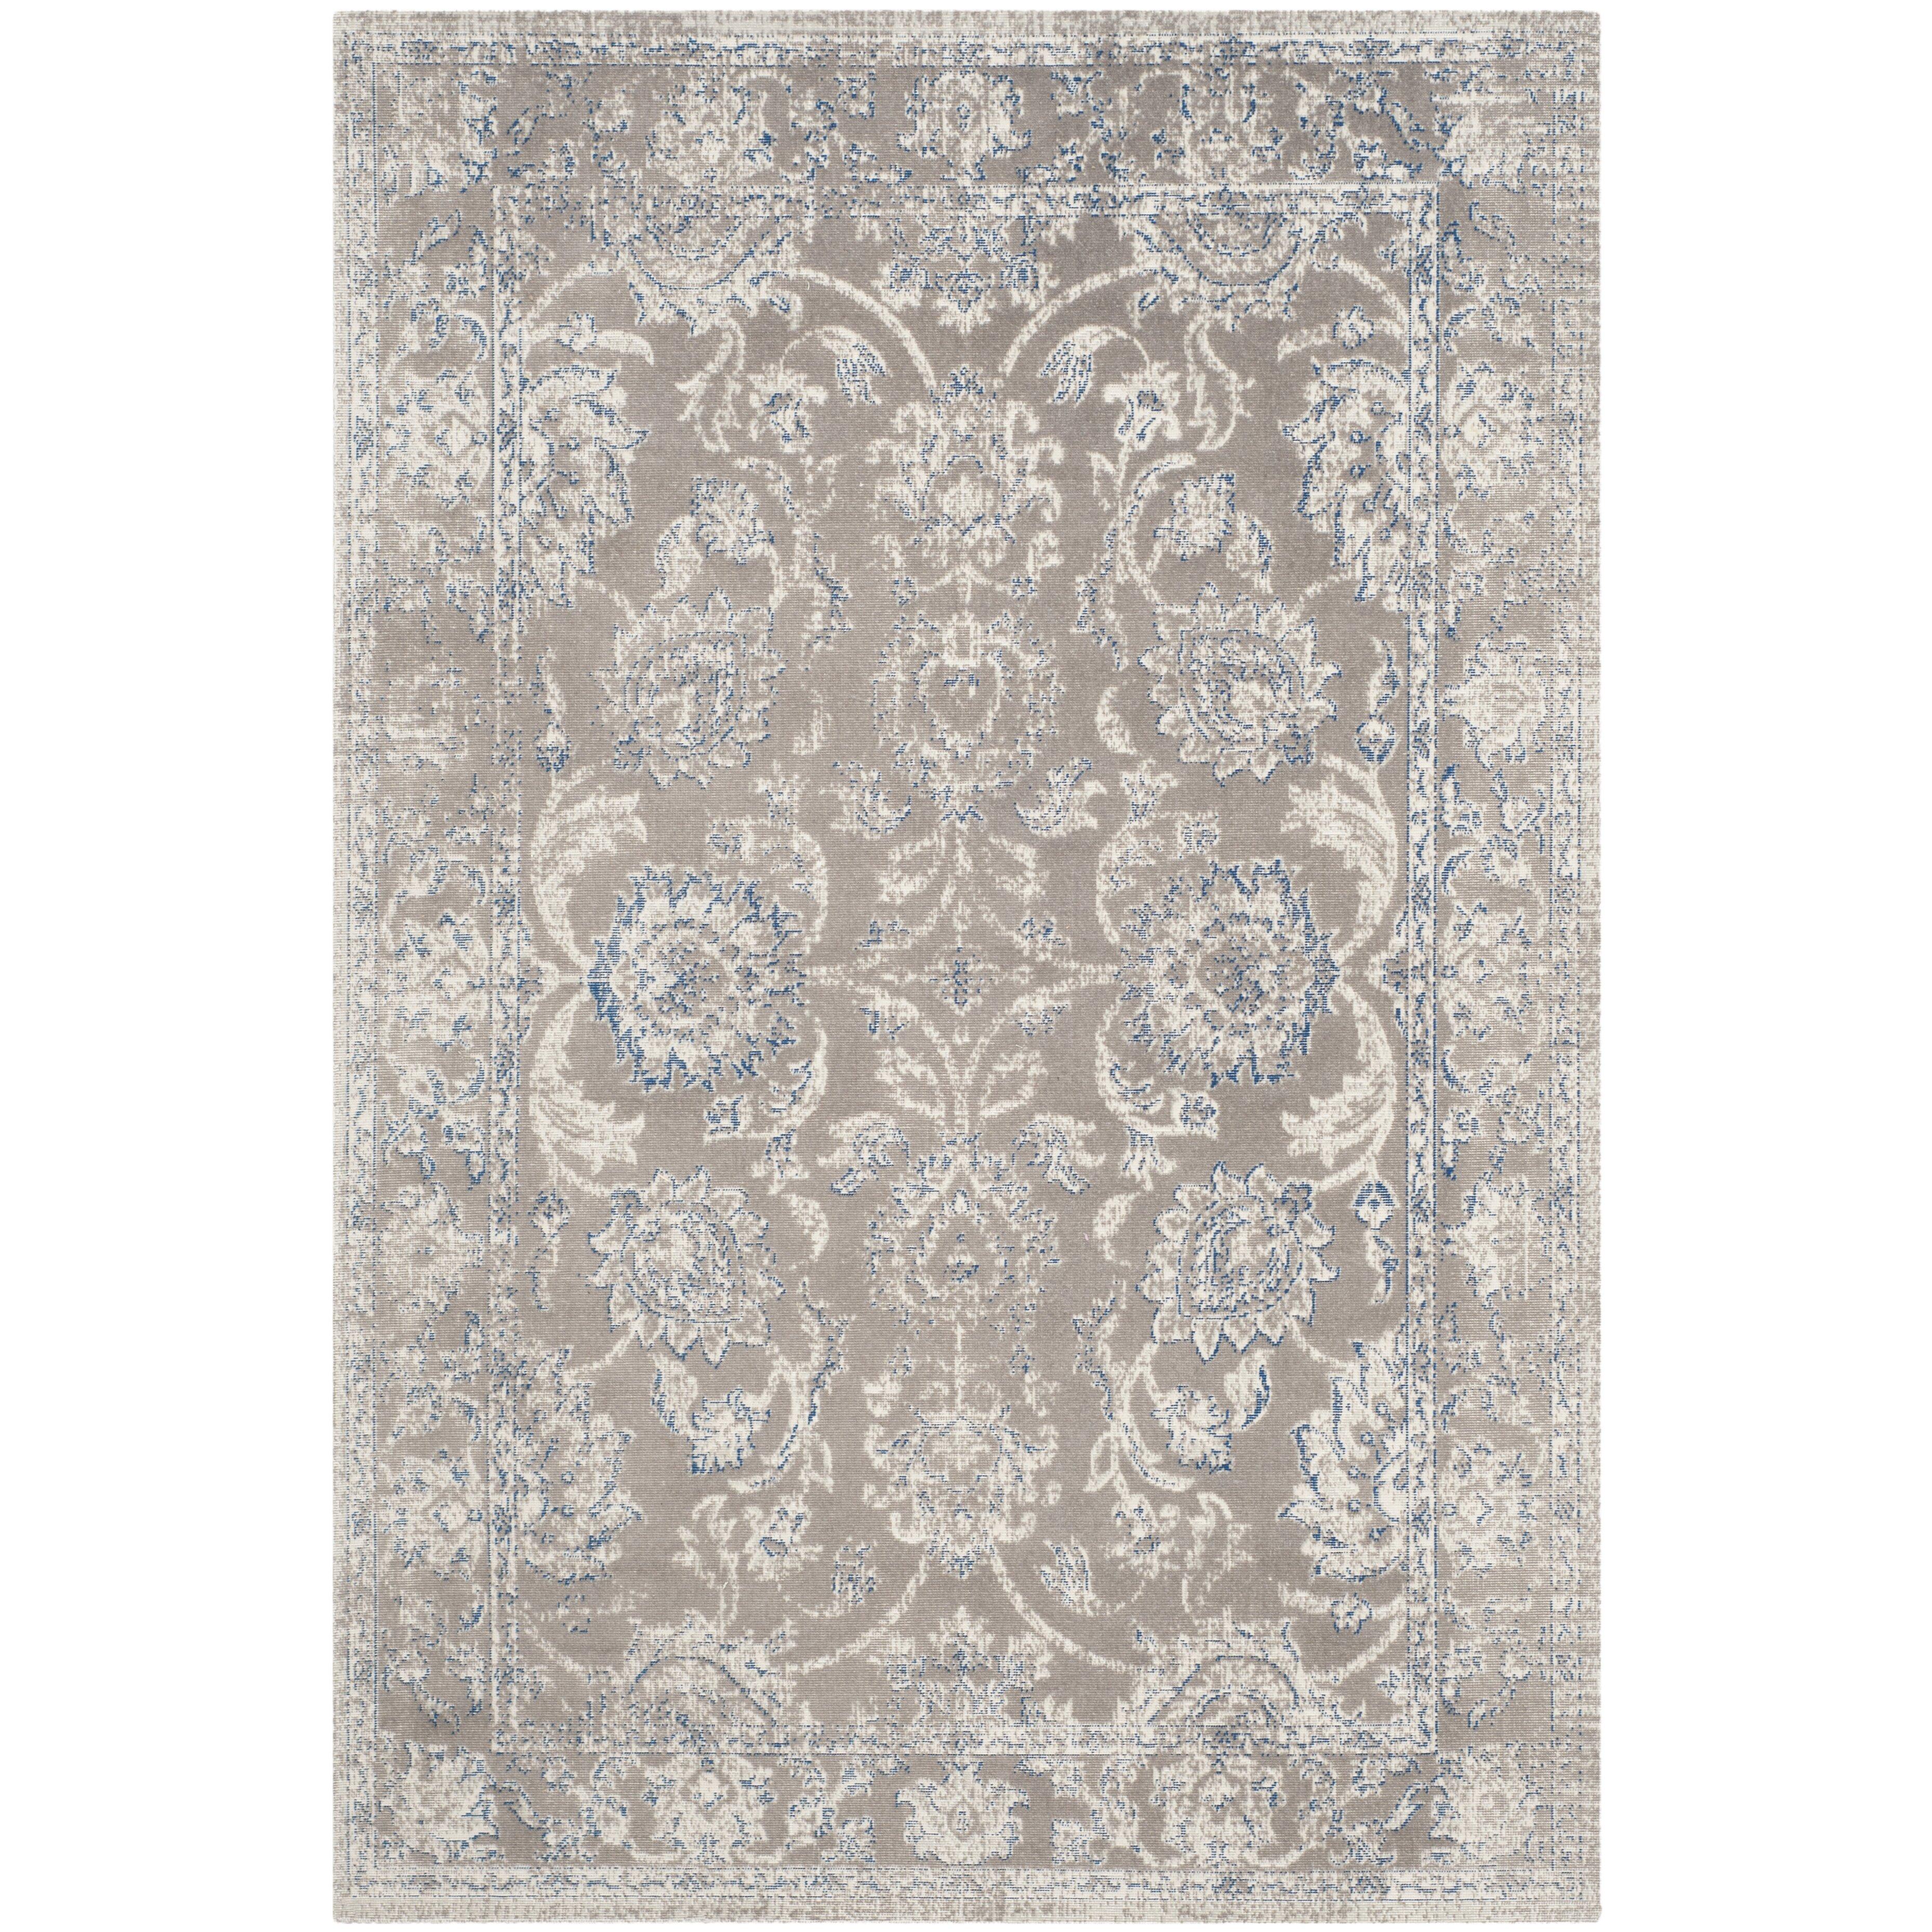 Safavieh patina taupe blue area rug reviews wayfair for Safavieh rugs